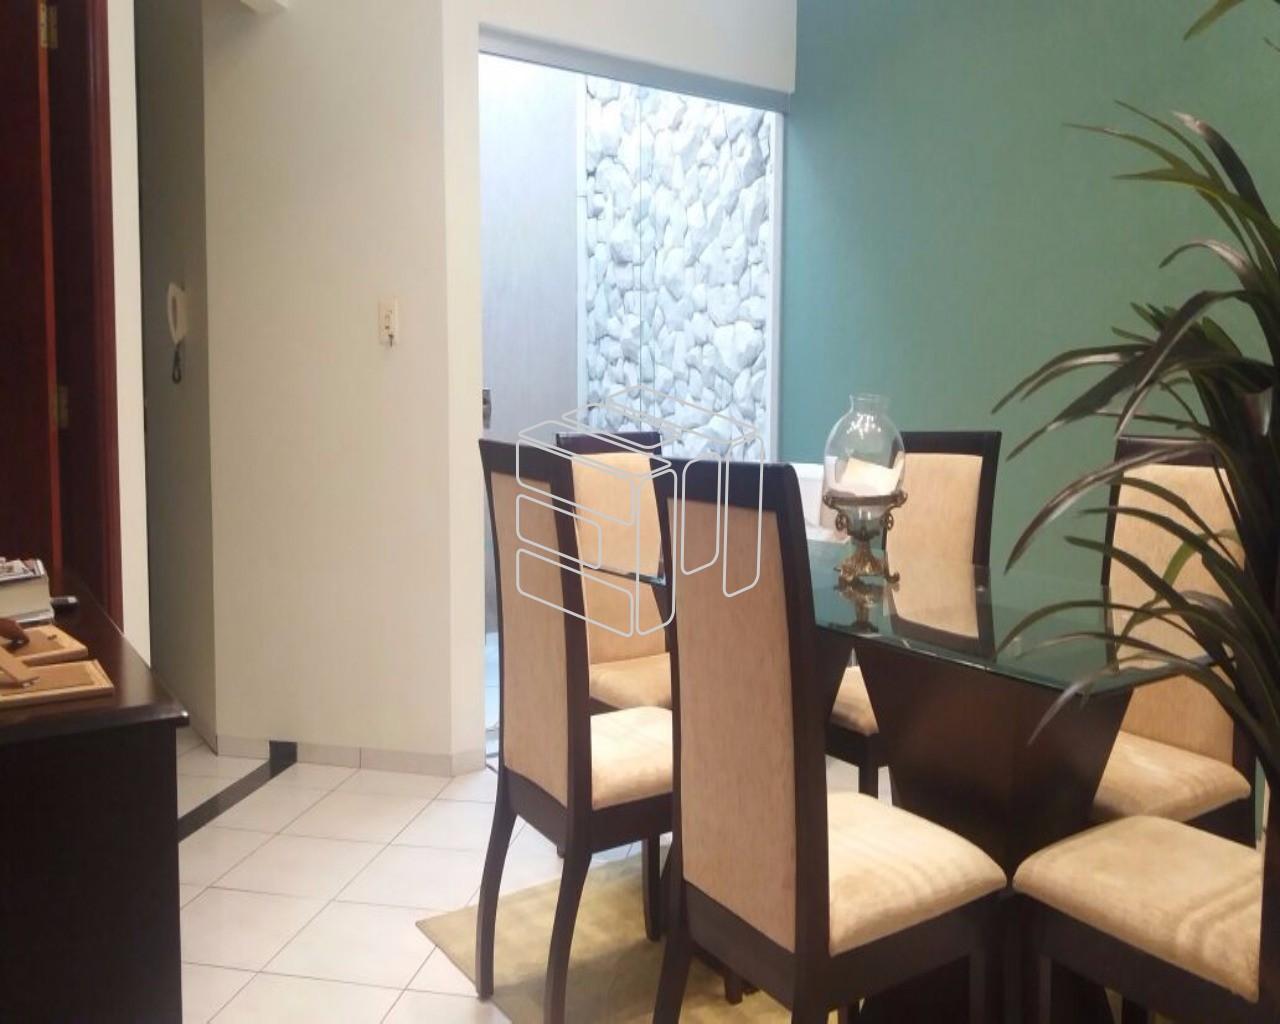 comprar ou alugar casa no bairro jardim tropical na cidade de franca-sp